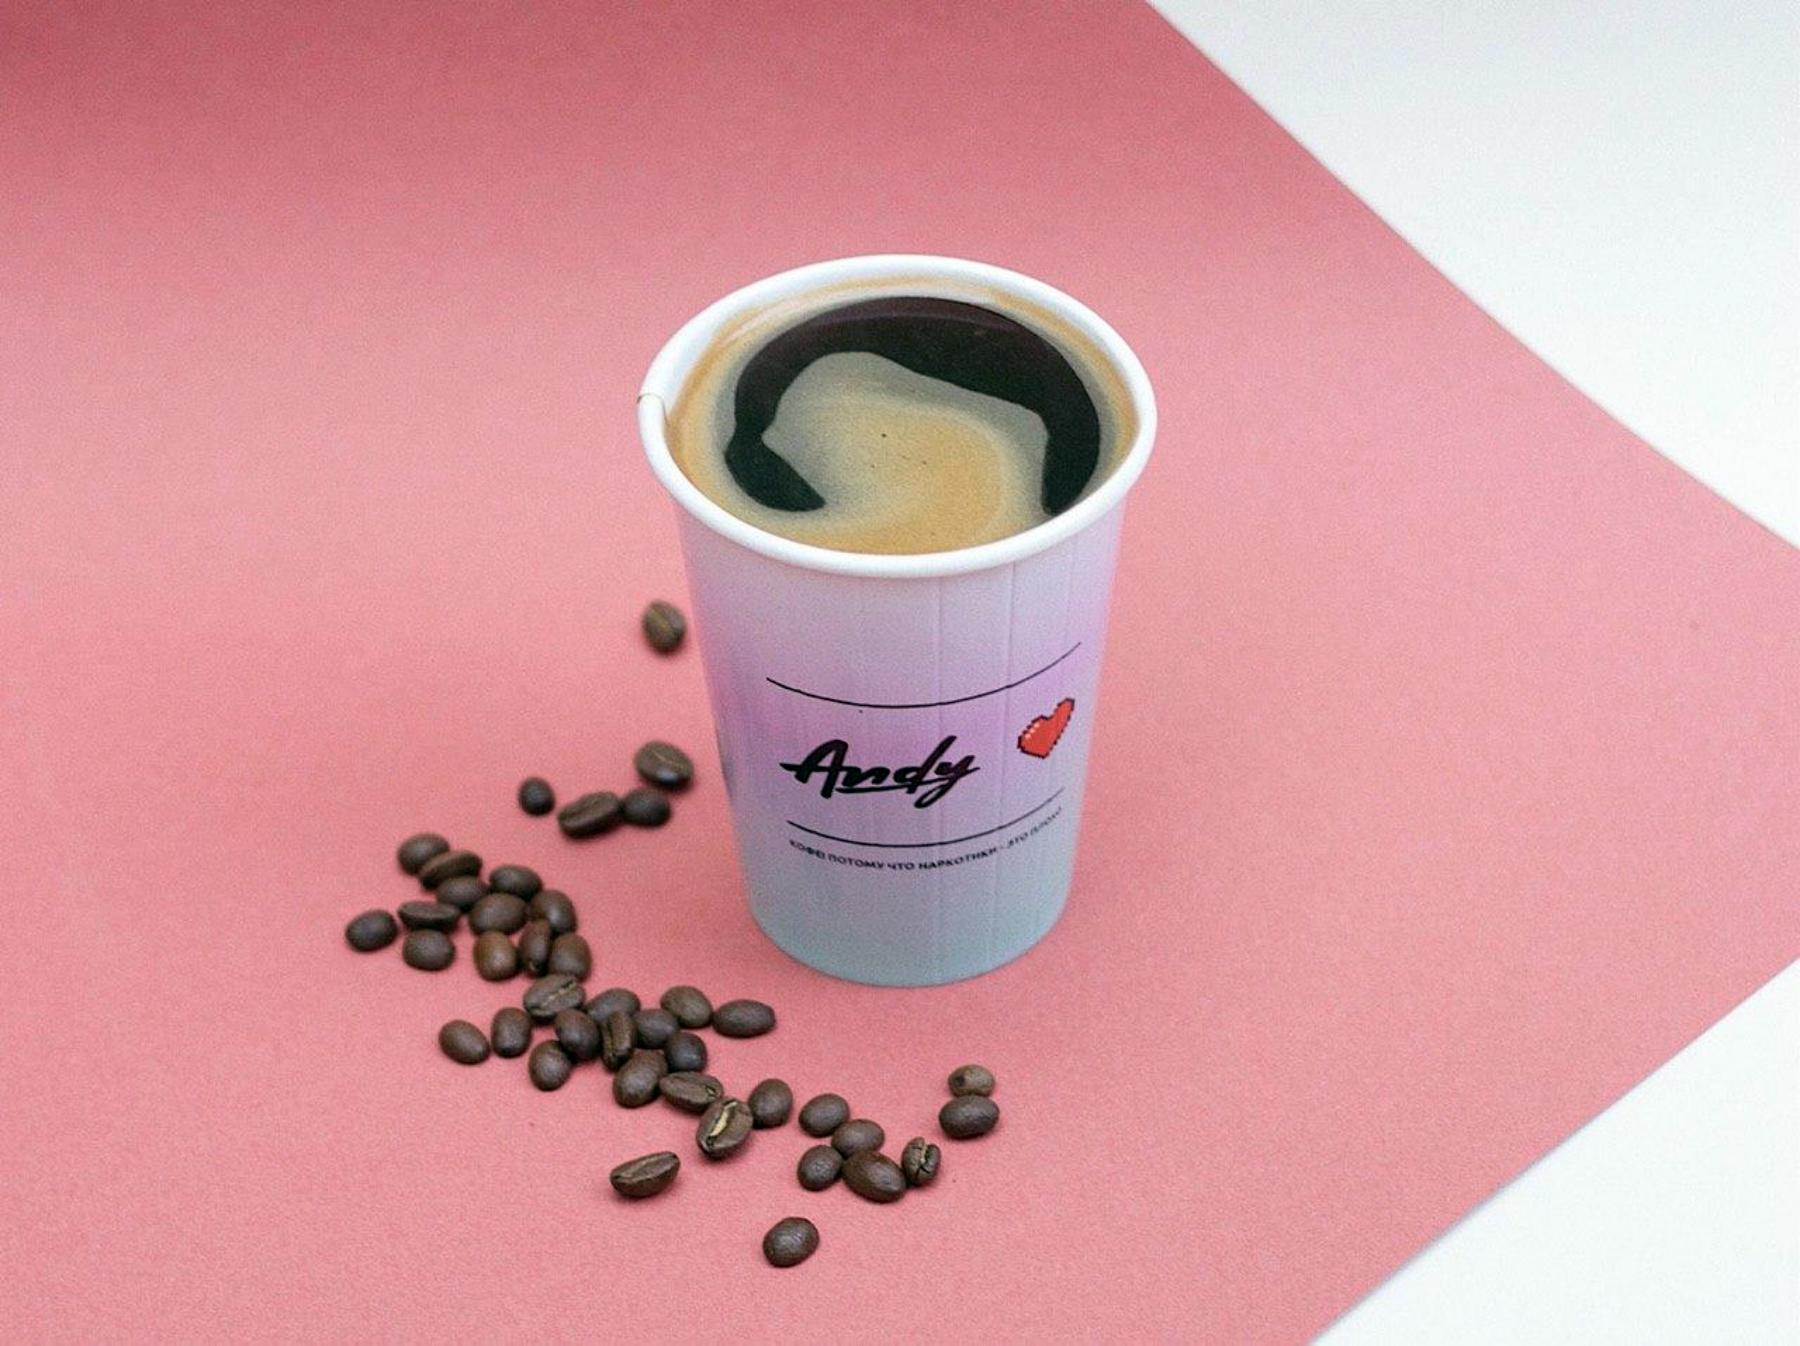 Батч Брю - чёрный кофе, приготовленный капельным типом